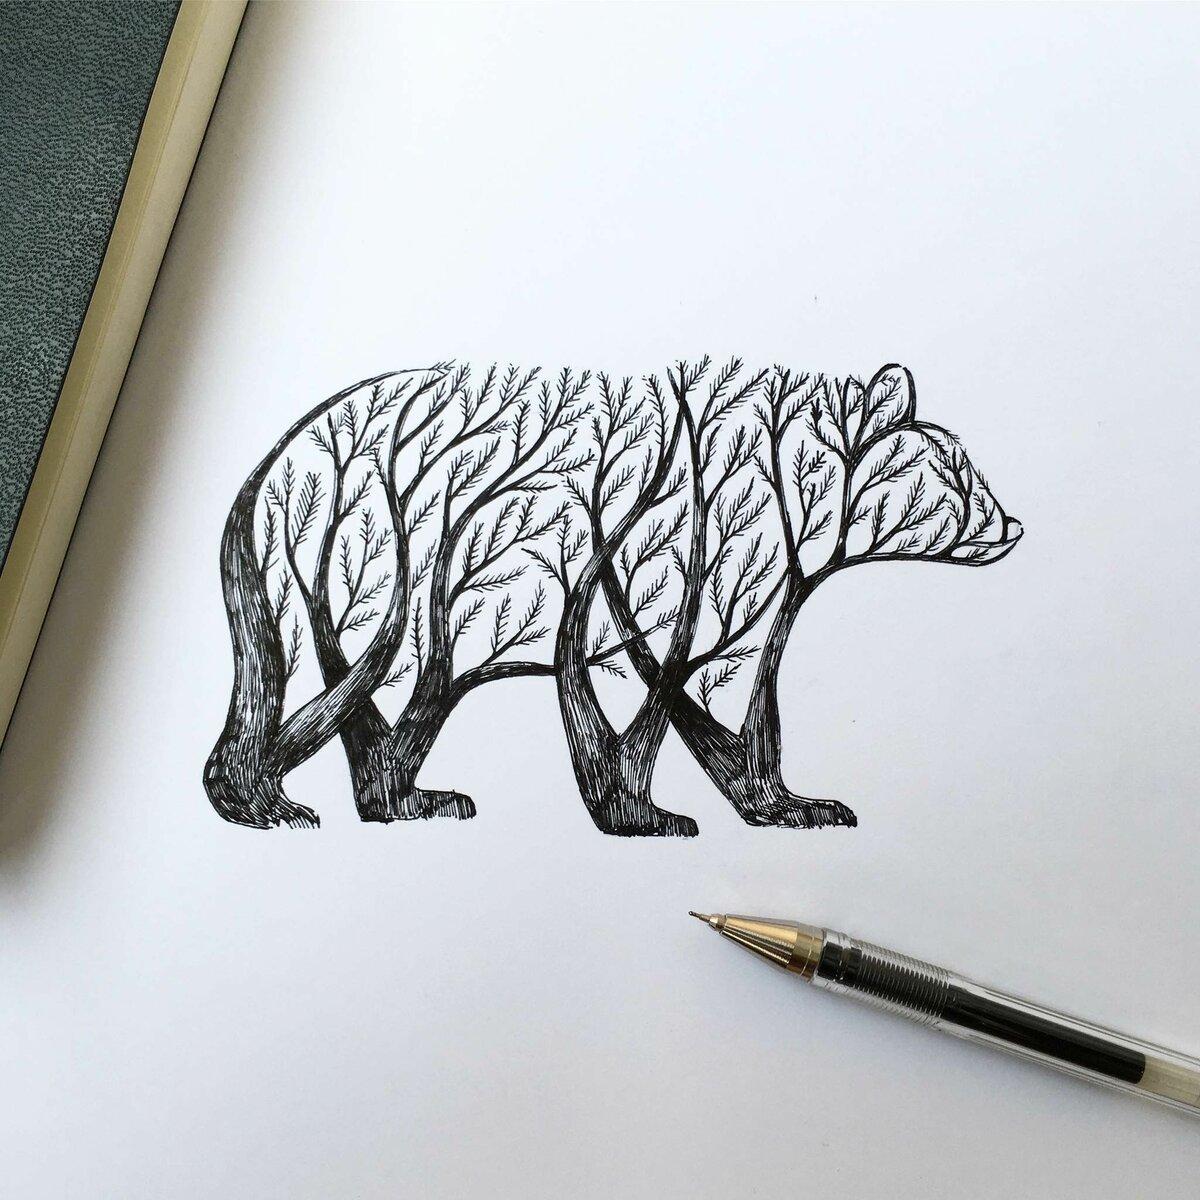 центрального графика картинки черной ручкой выходные десятки